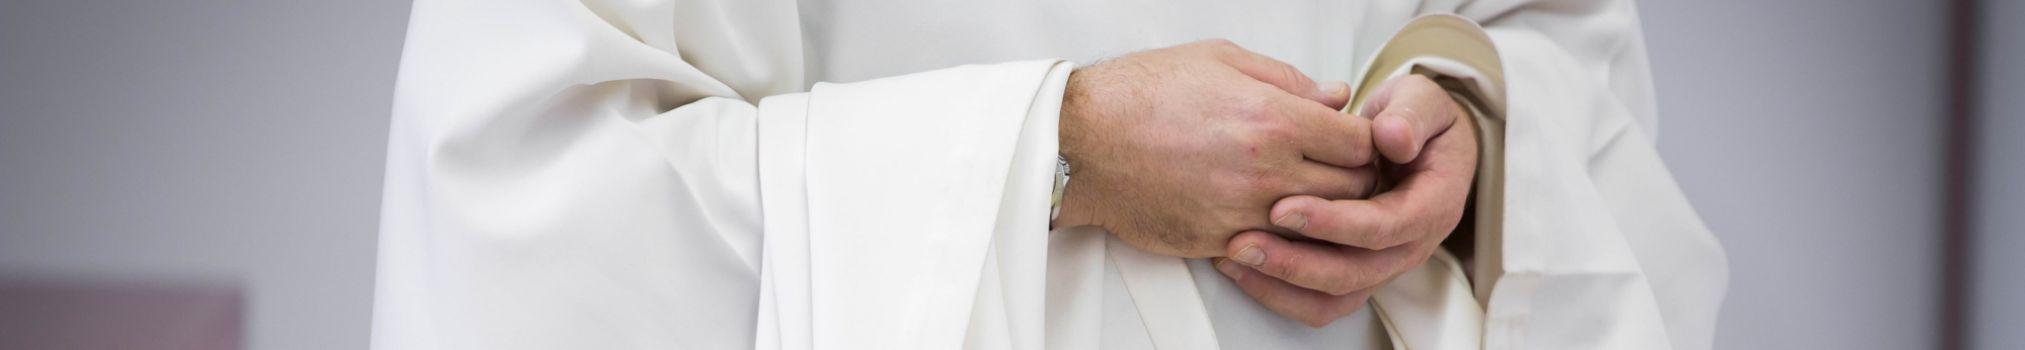 Moine en aube, l'habit liturgique porté au-dessus de la soutane